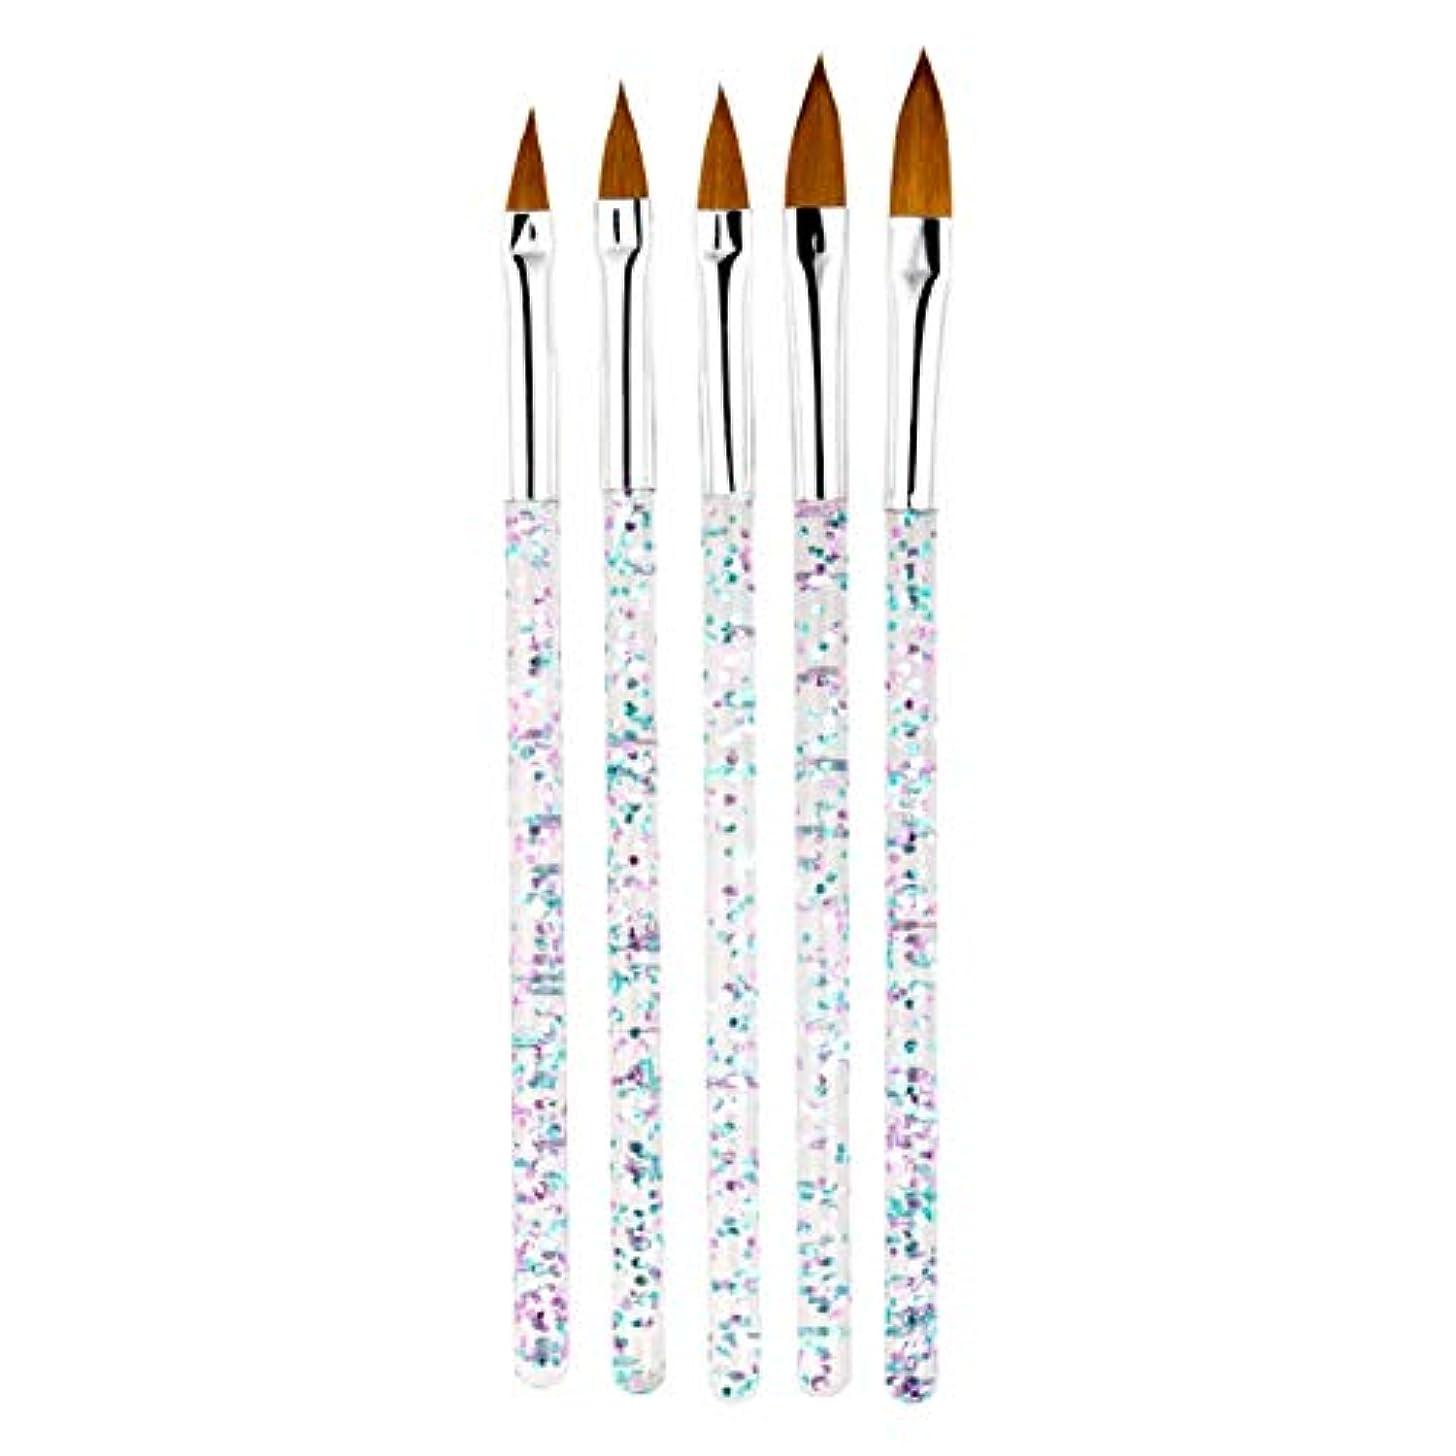 食器棚期限説明的MCCRUA ネイルブラシ 5本セット スカルプネイルブラシ 可愛い アクリルネイル UV ジェルネイル ネイルアート筆